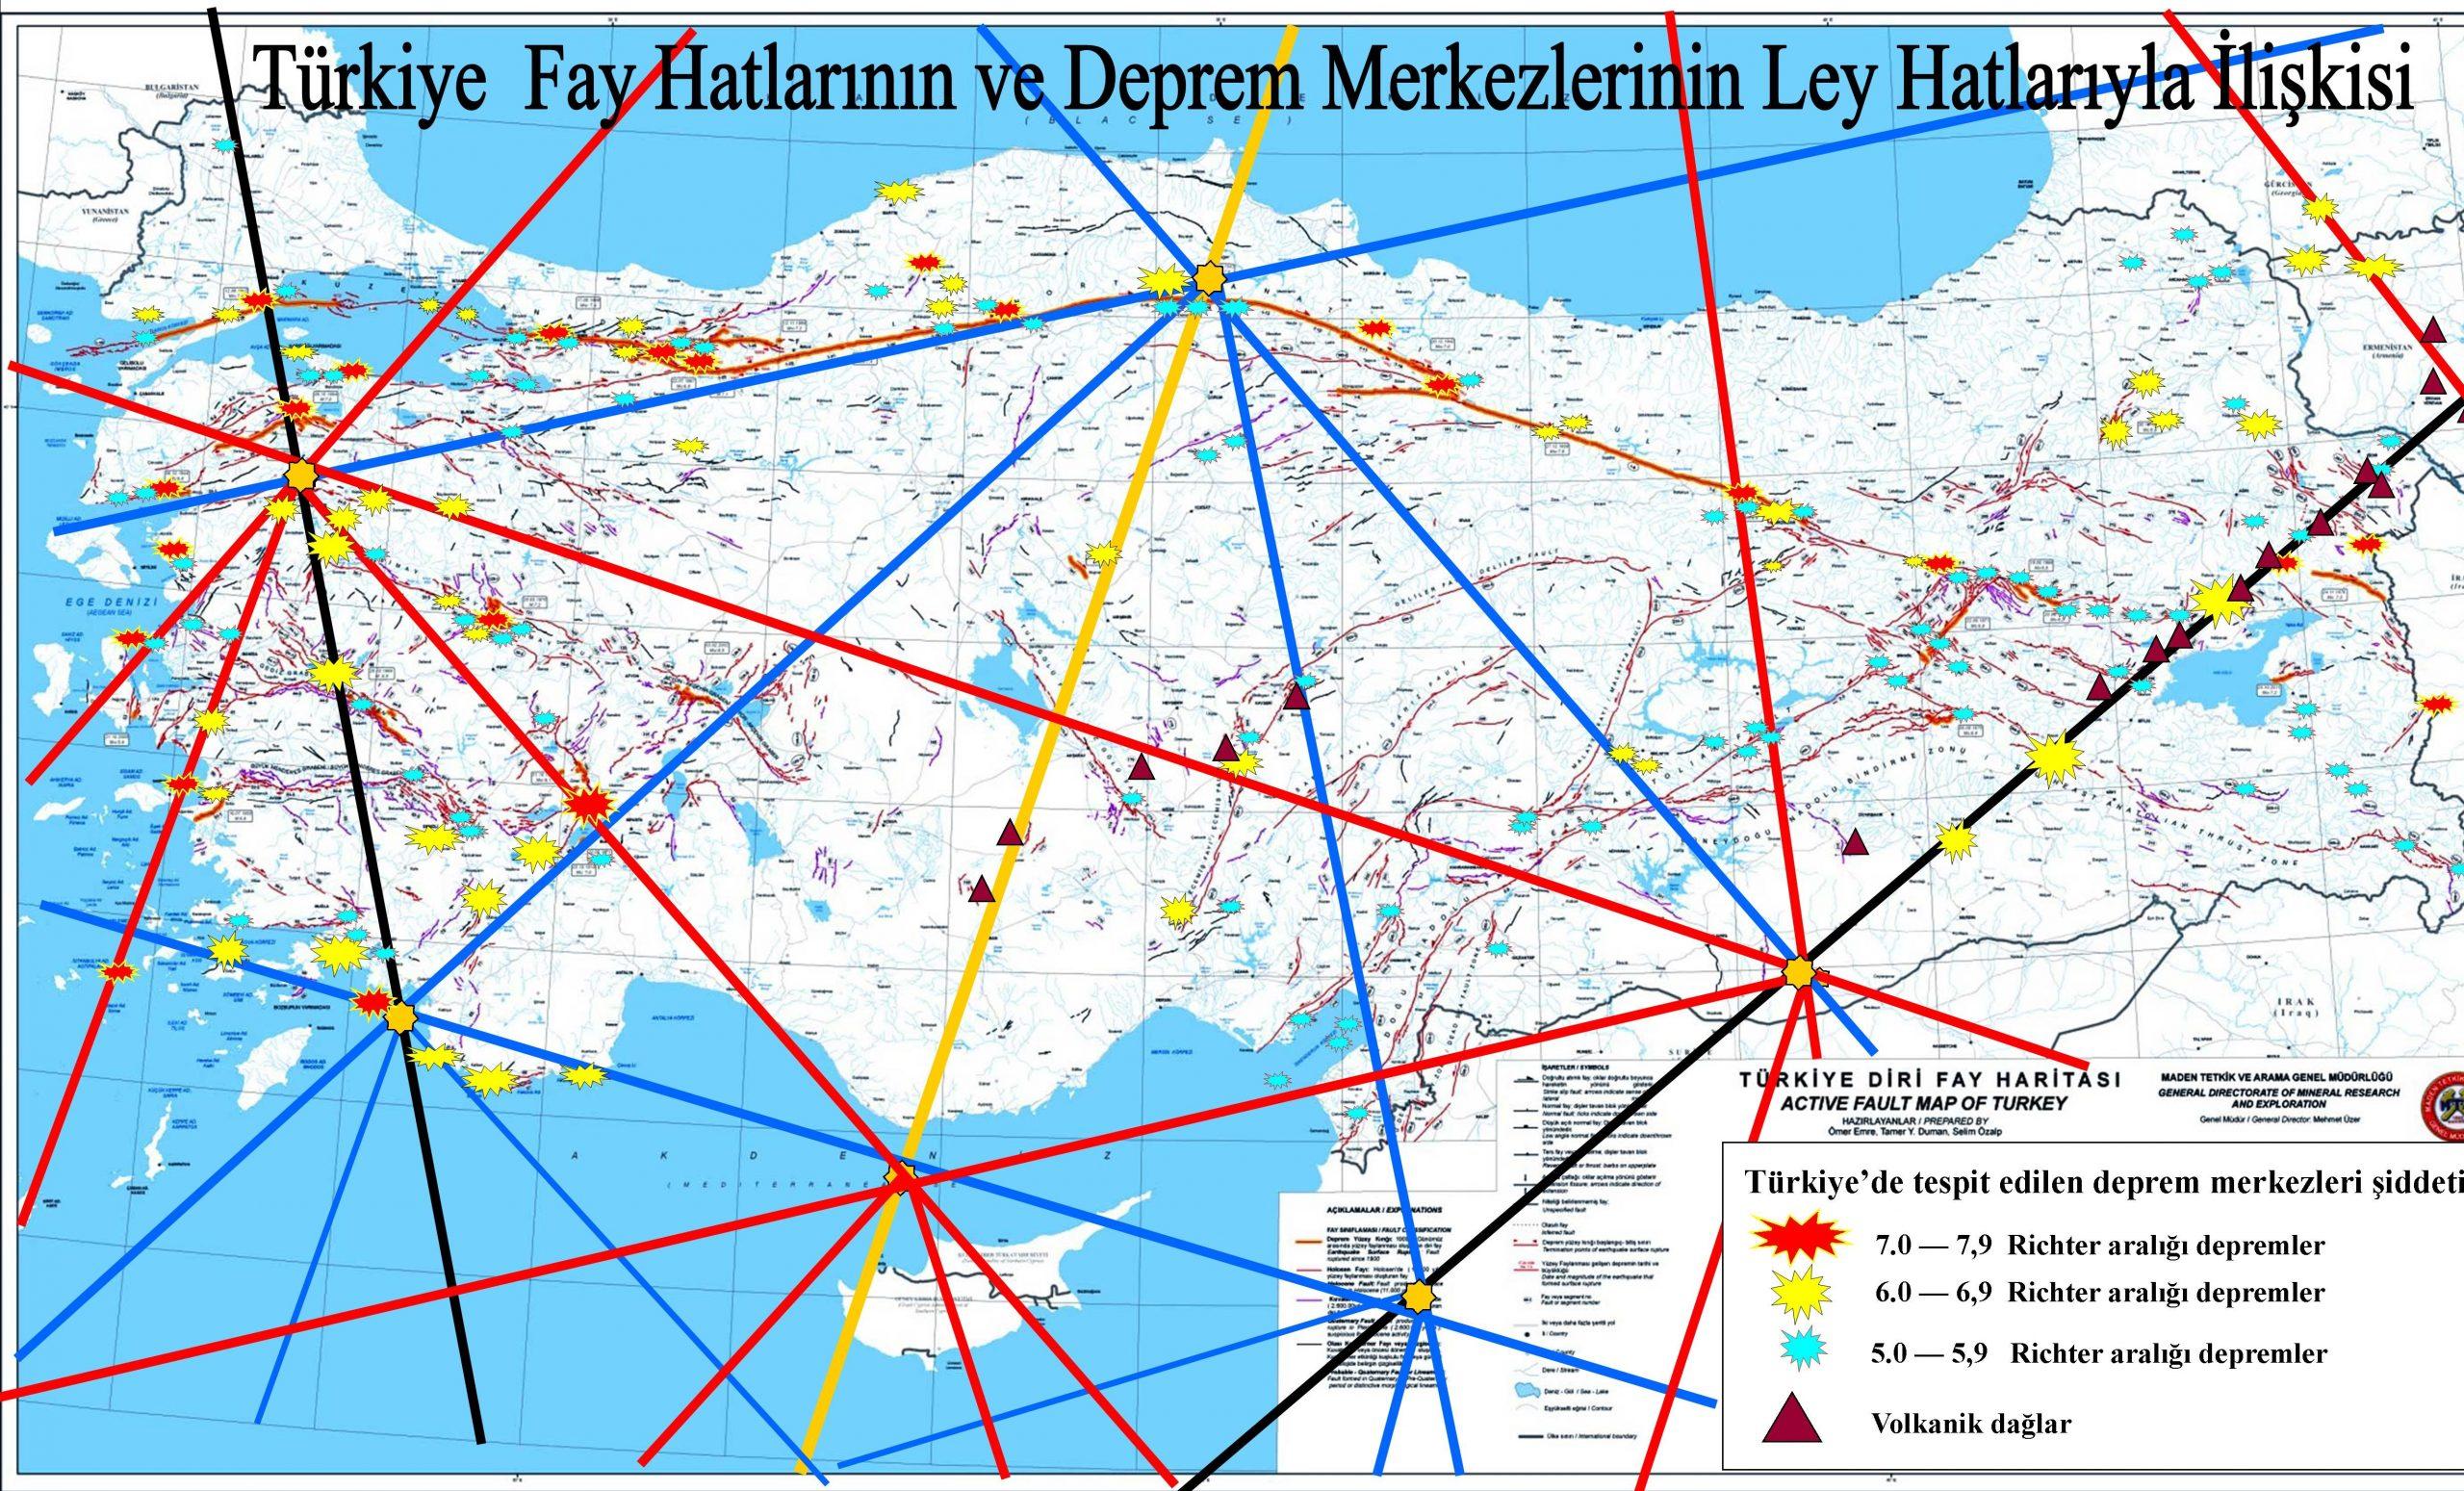 Türkiye Fay Hatları ve Deprem Merkezleriyle Ley Hatlarının İlişkisi